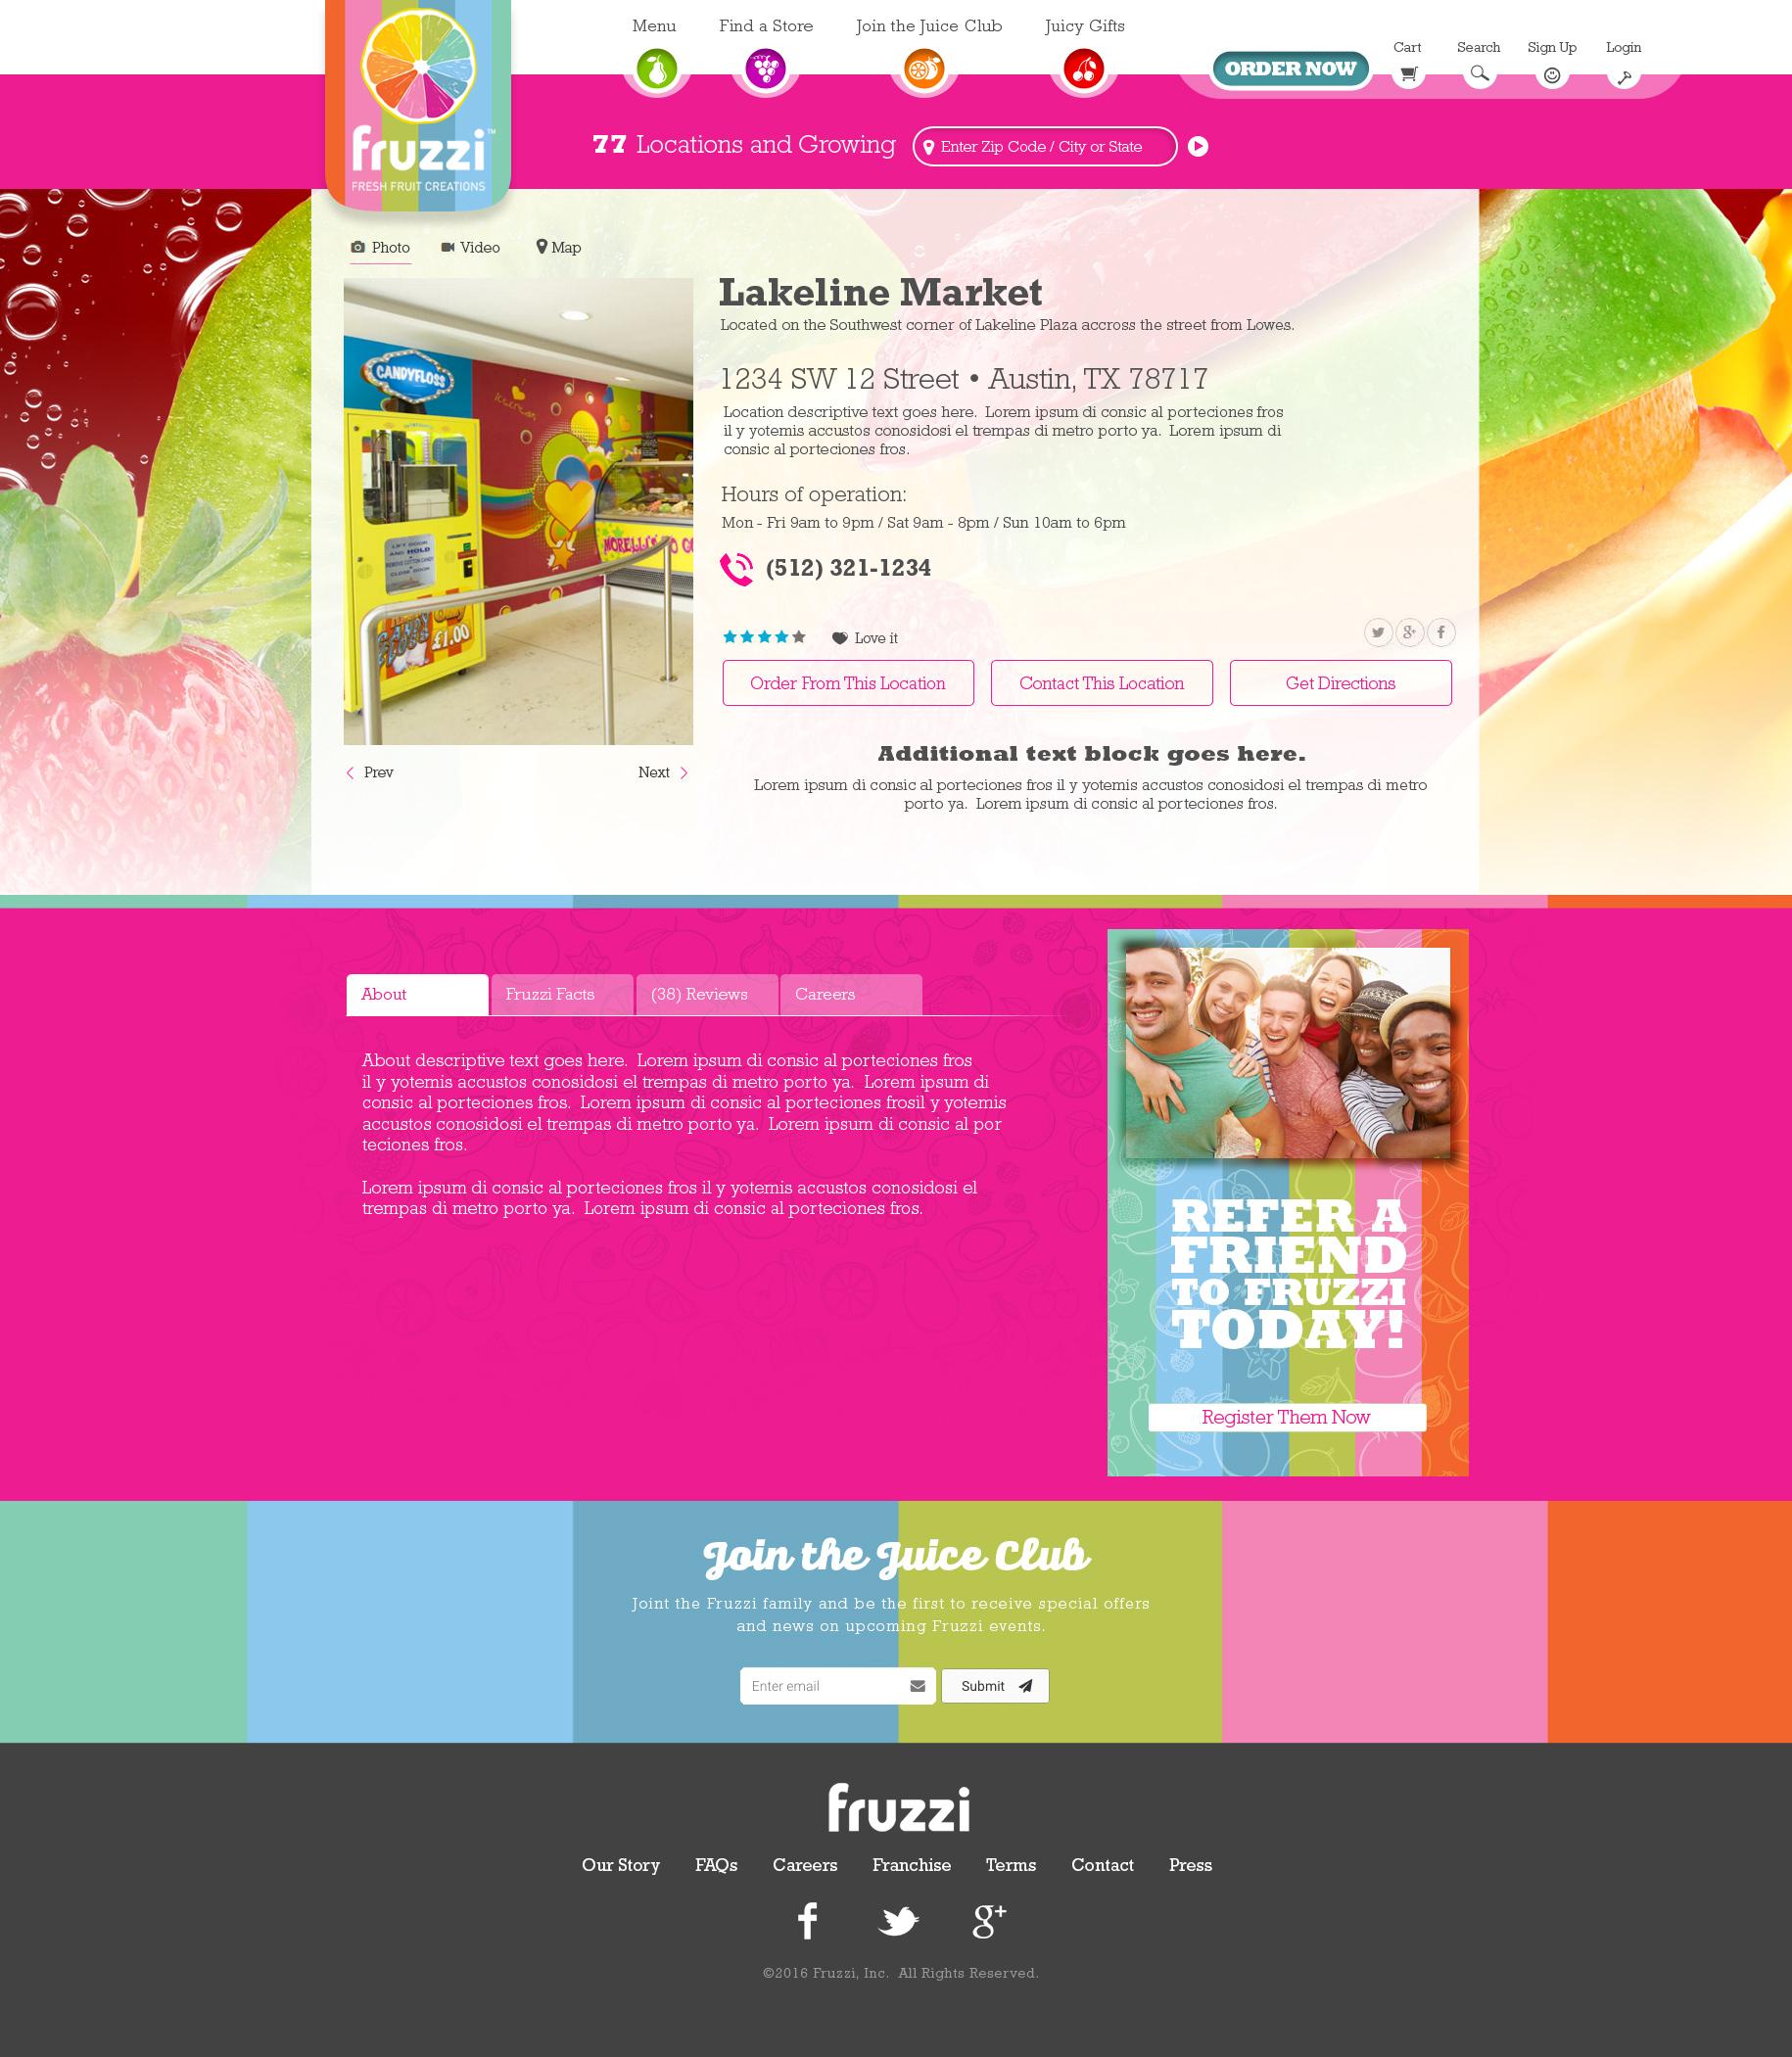 Fruzzi-Microsite.png